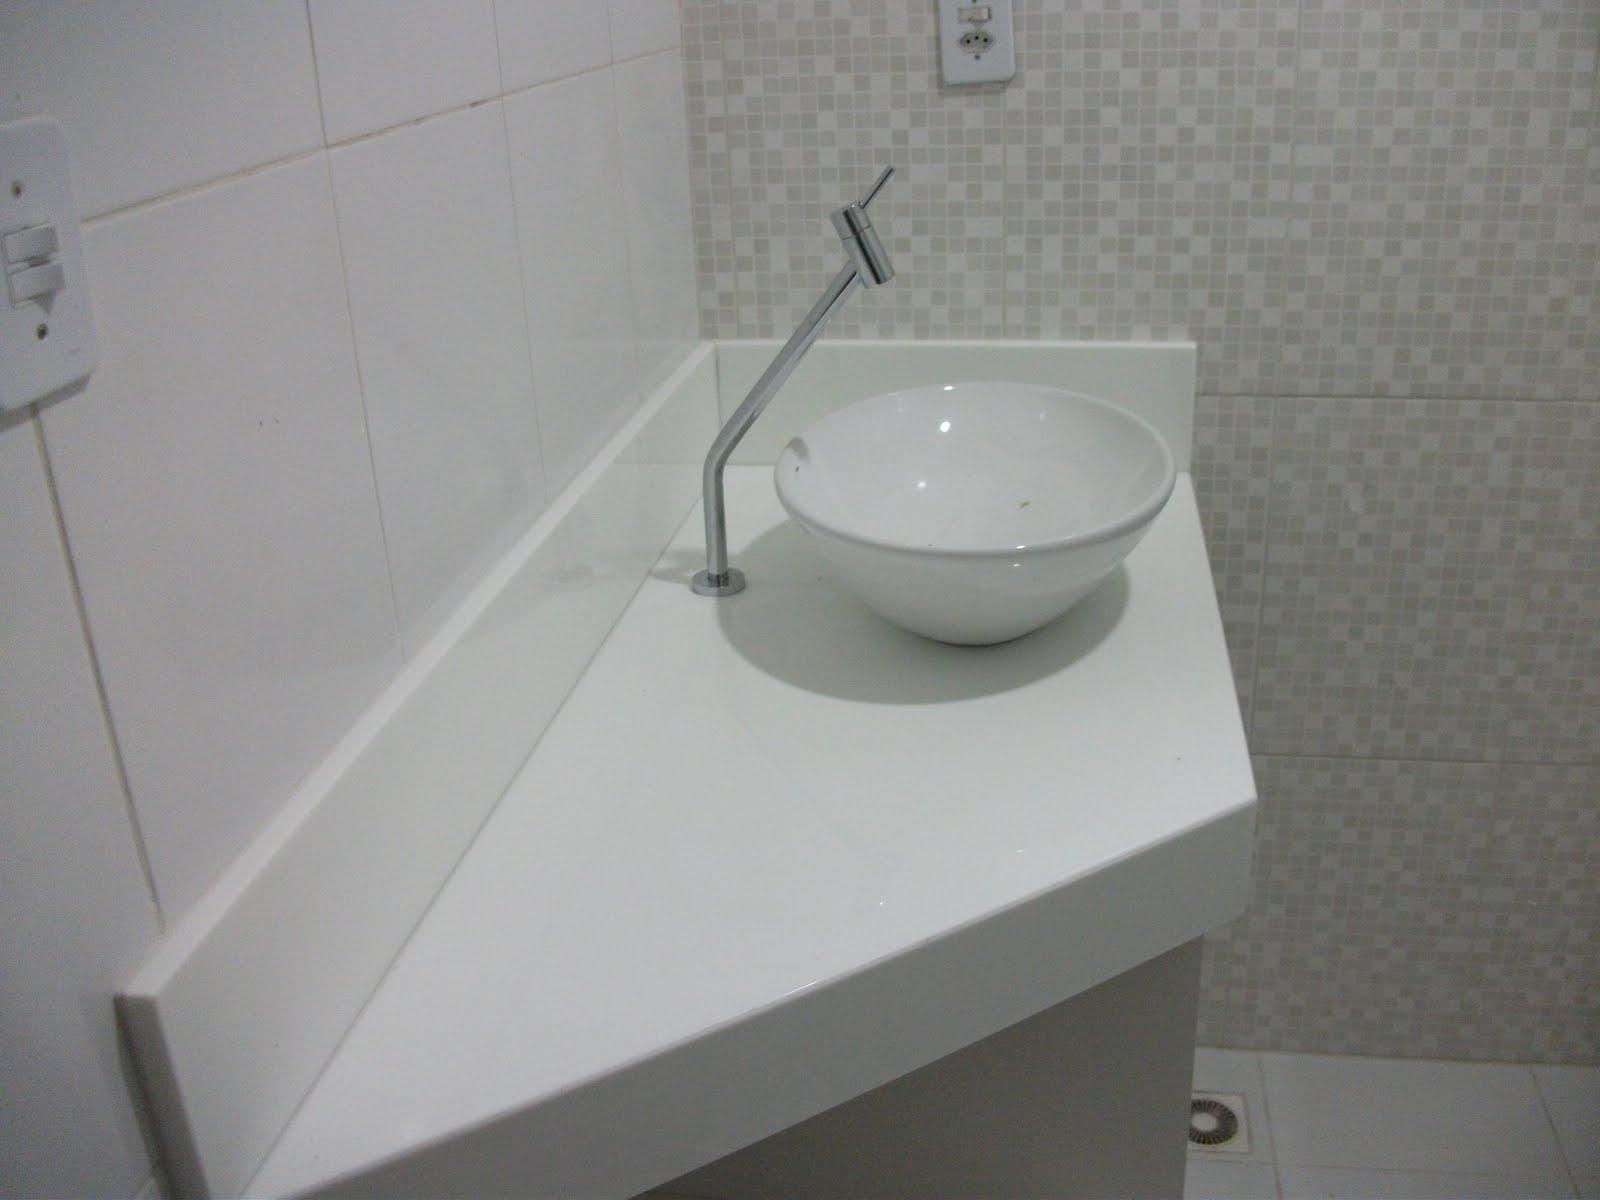 Granito Branco Cotton em Bancada de Área de Serviços #53564F 1600x1200 Banheiro Branco Prime